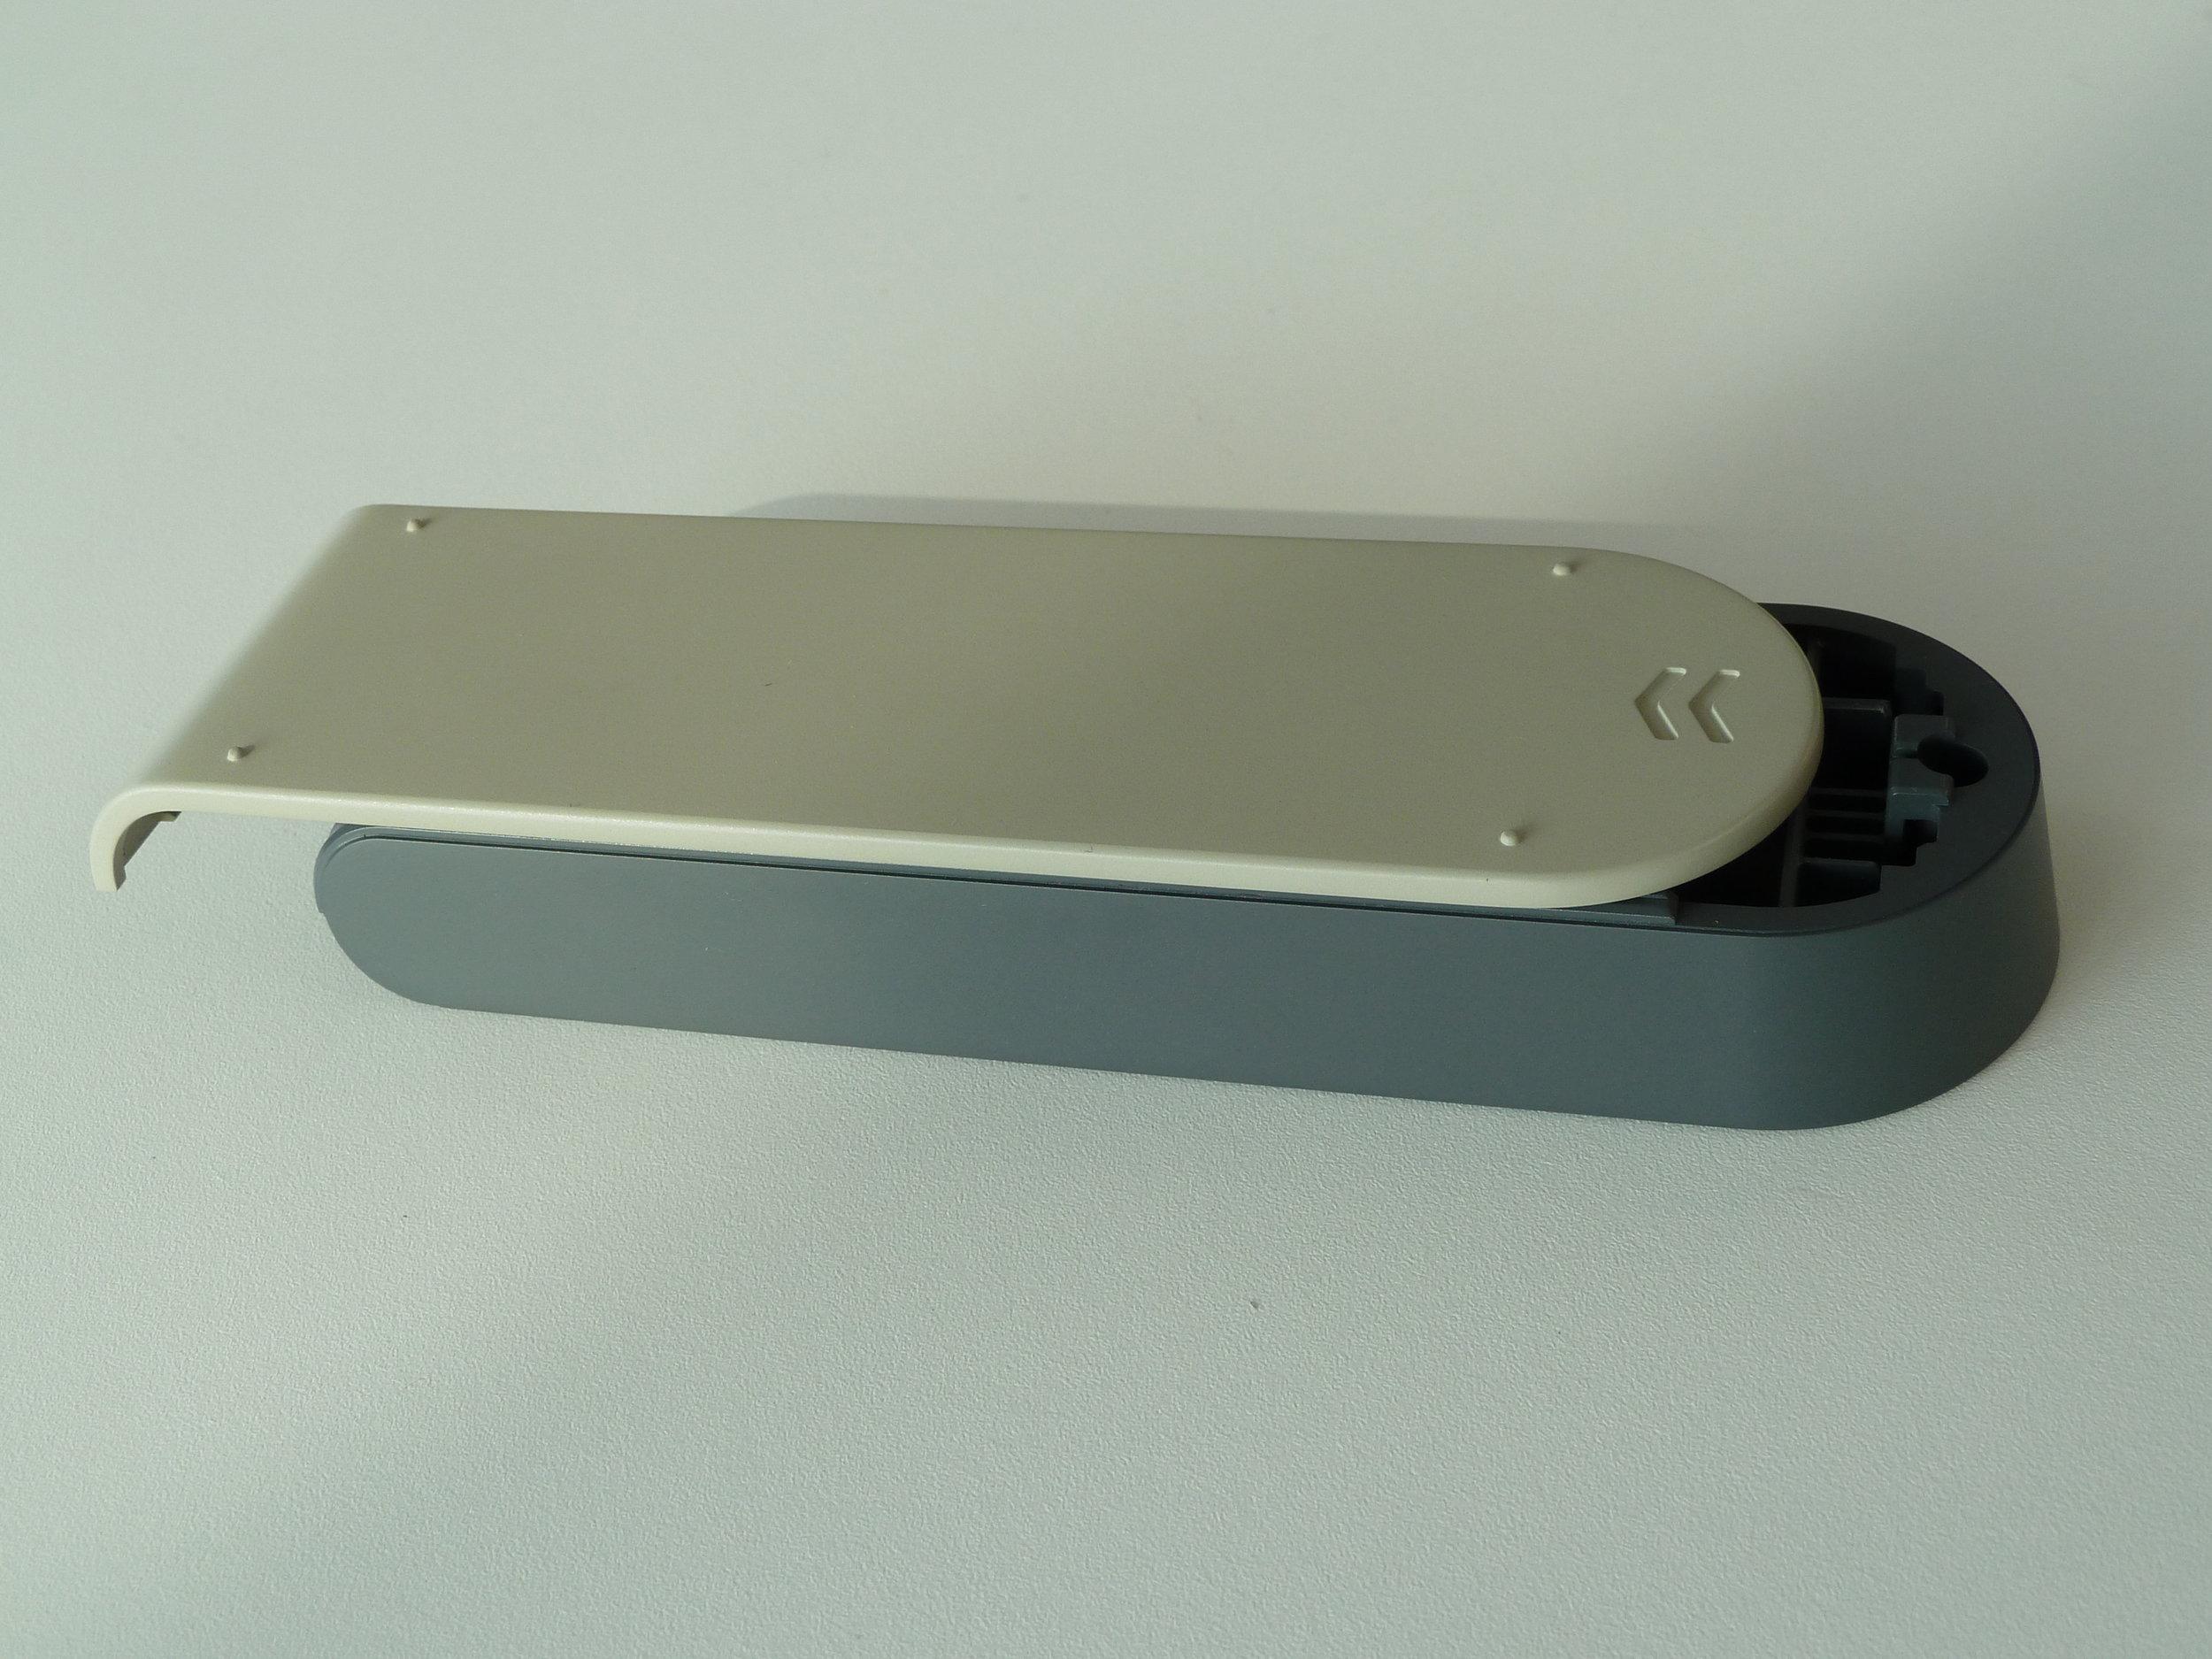 mando-newatt-prototipo-2